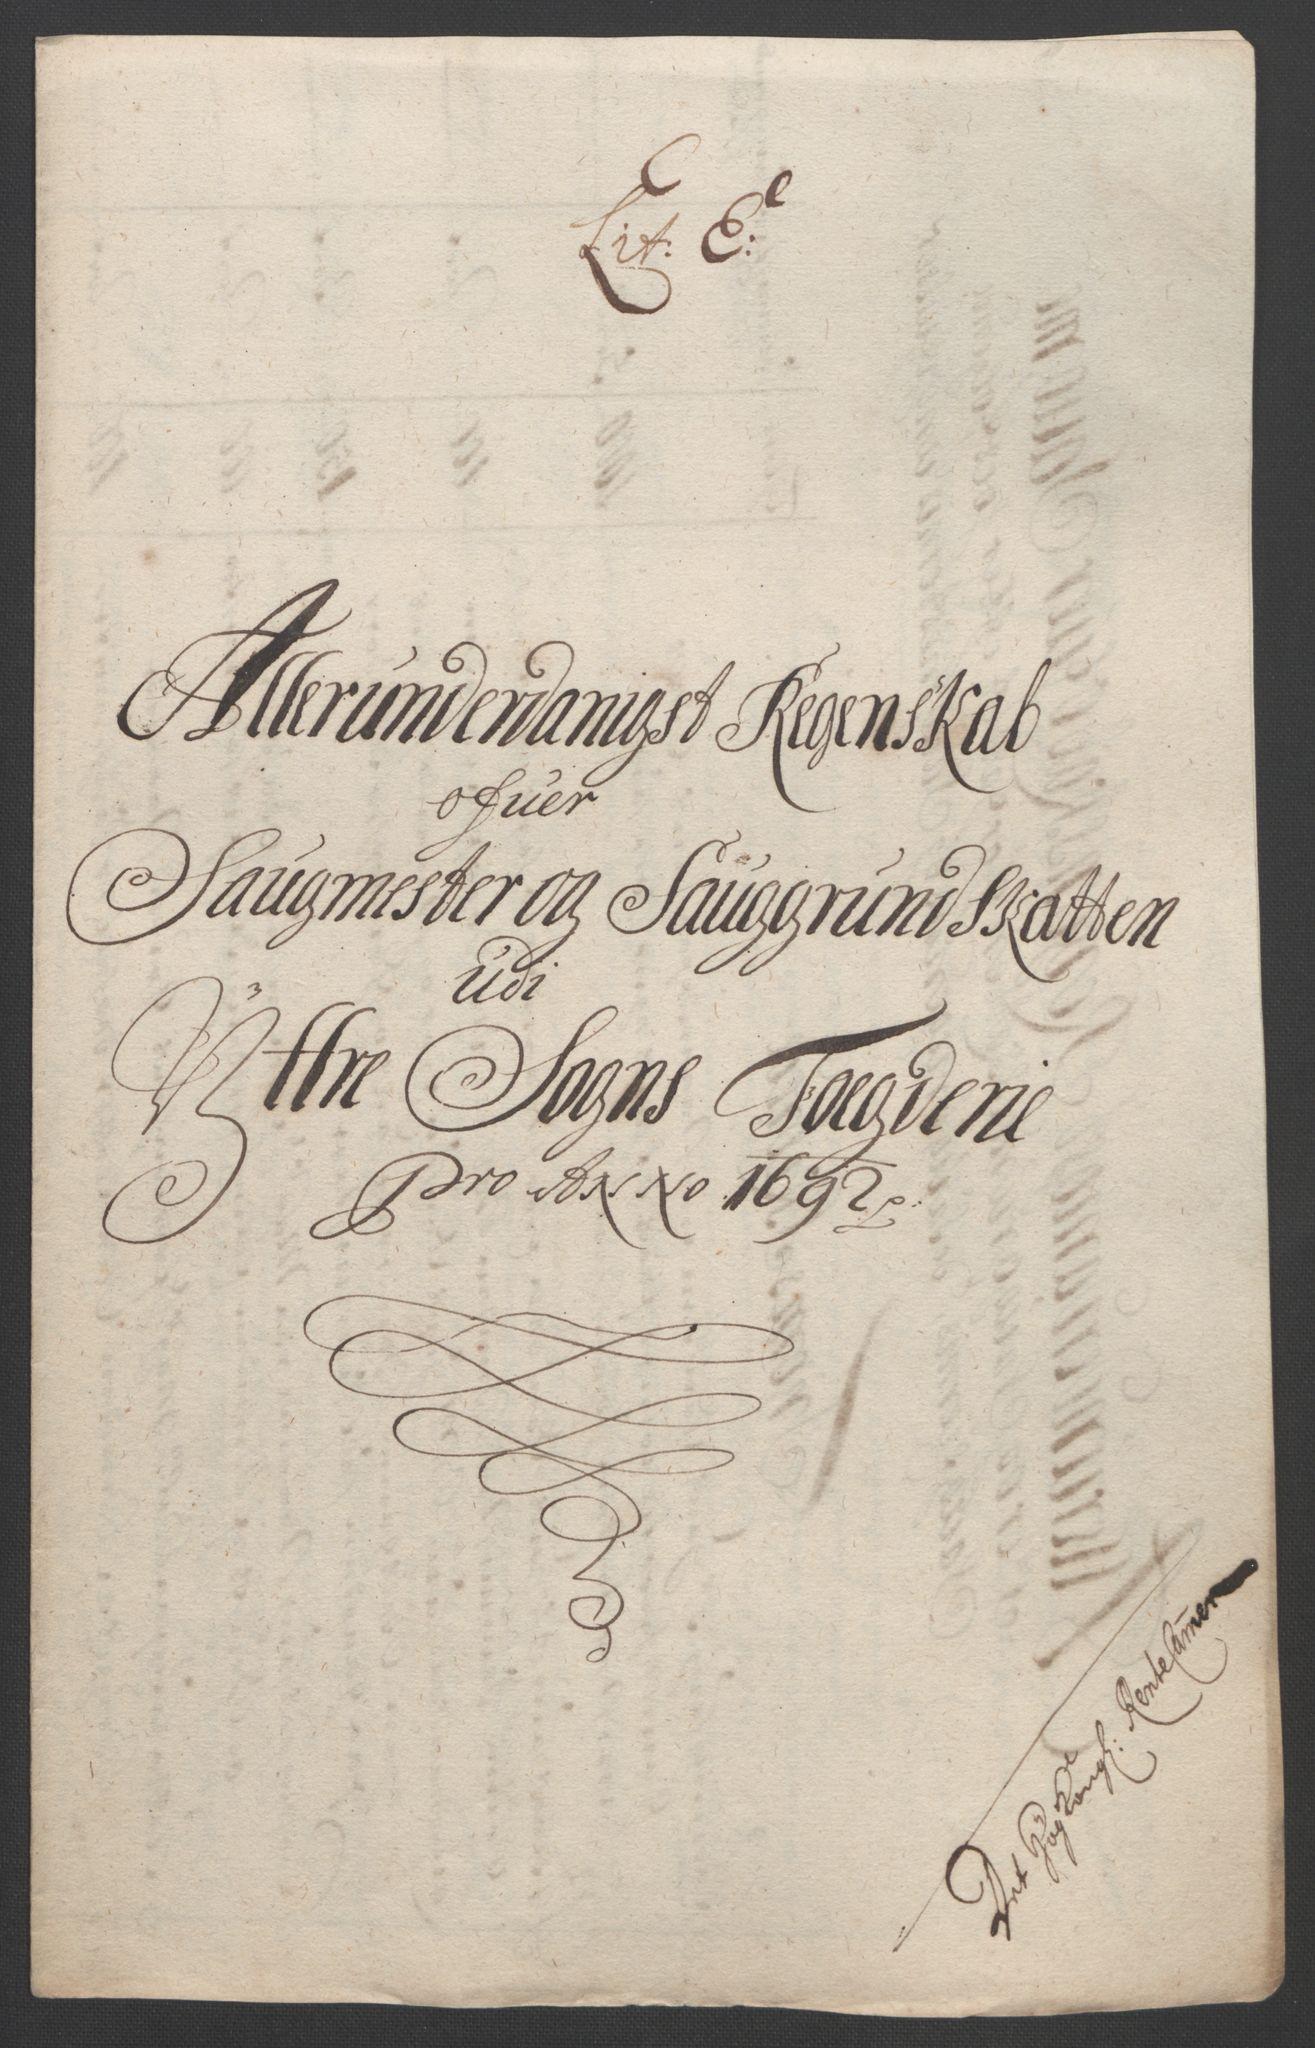 RA, Rentekammeret inntil 1814, Reviderte regnskaper, Fogderegnskap, R52/L3306: Fogderegnskap Sogn, 1691-1692, s. 348